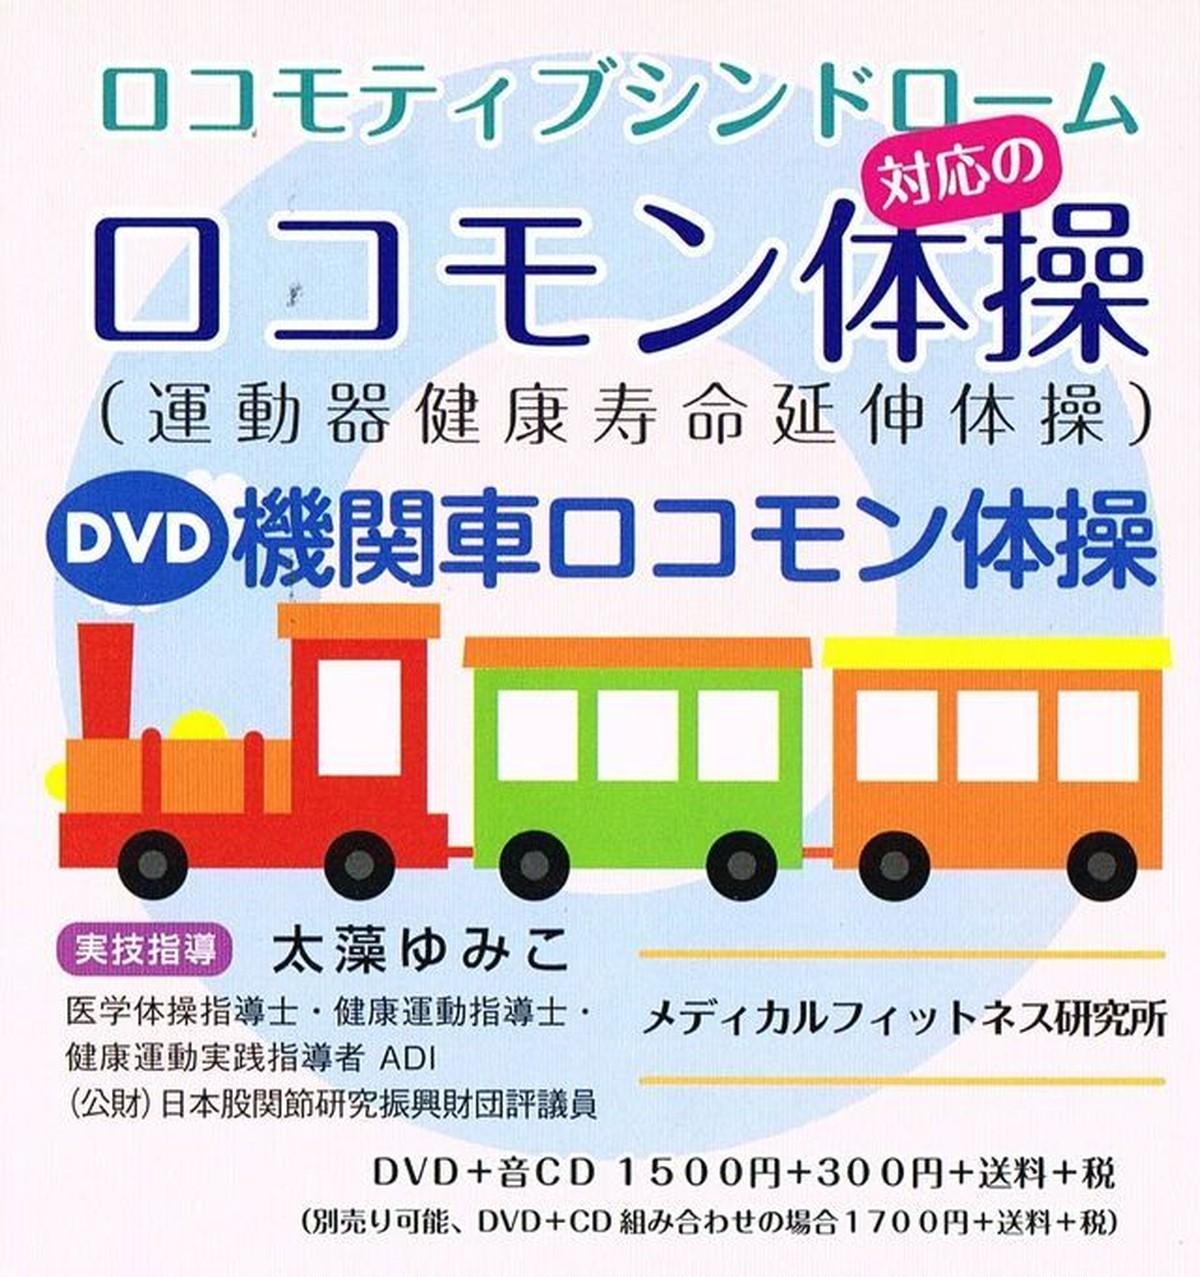 ロコモティブシンドローム対応のロコモン体操DVD~機関車ロコモン体操 ...